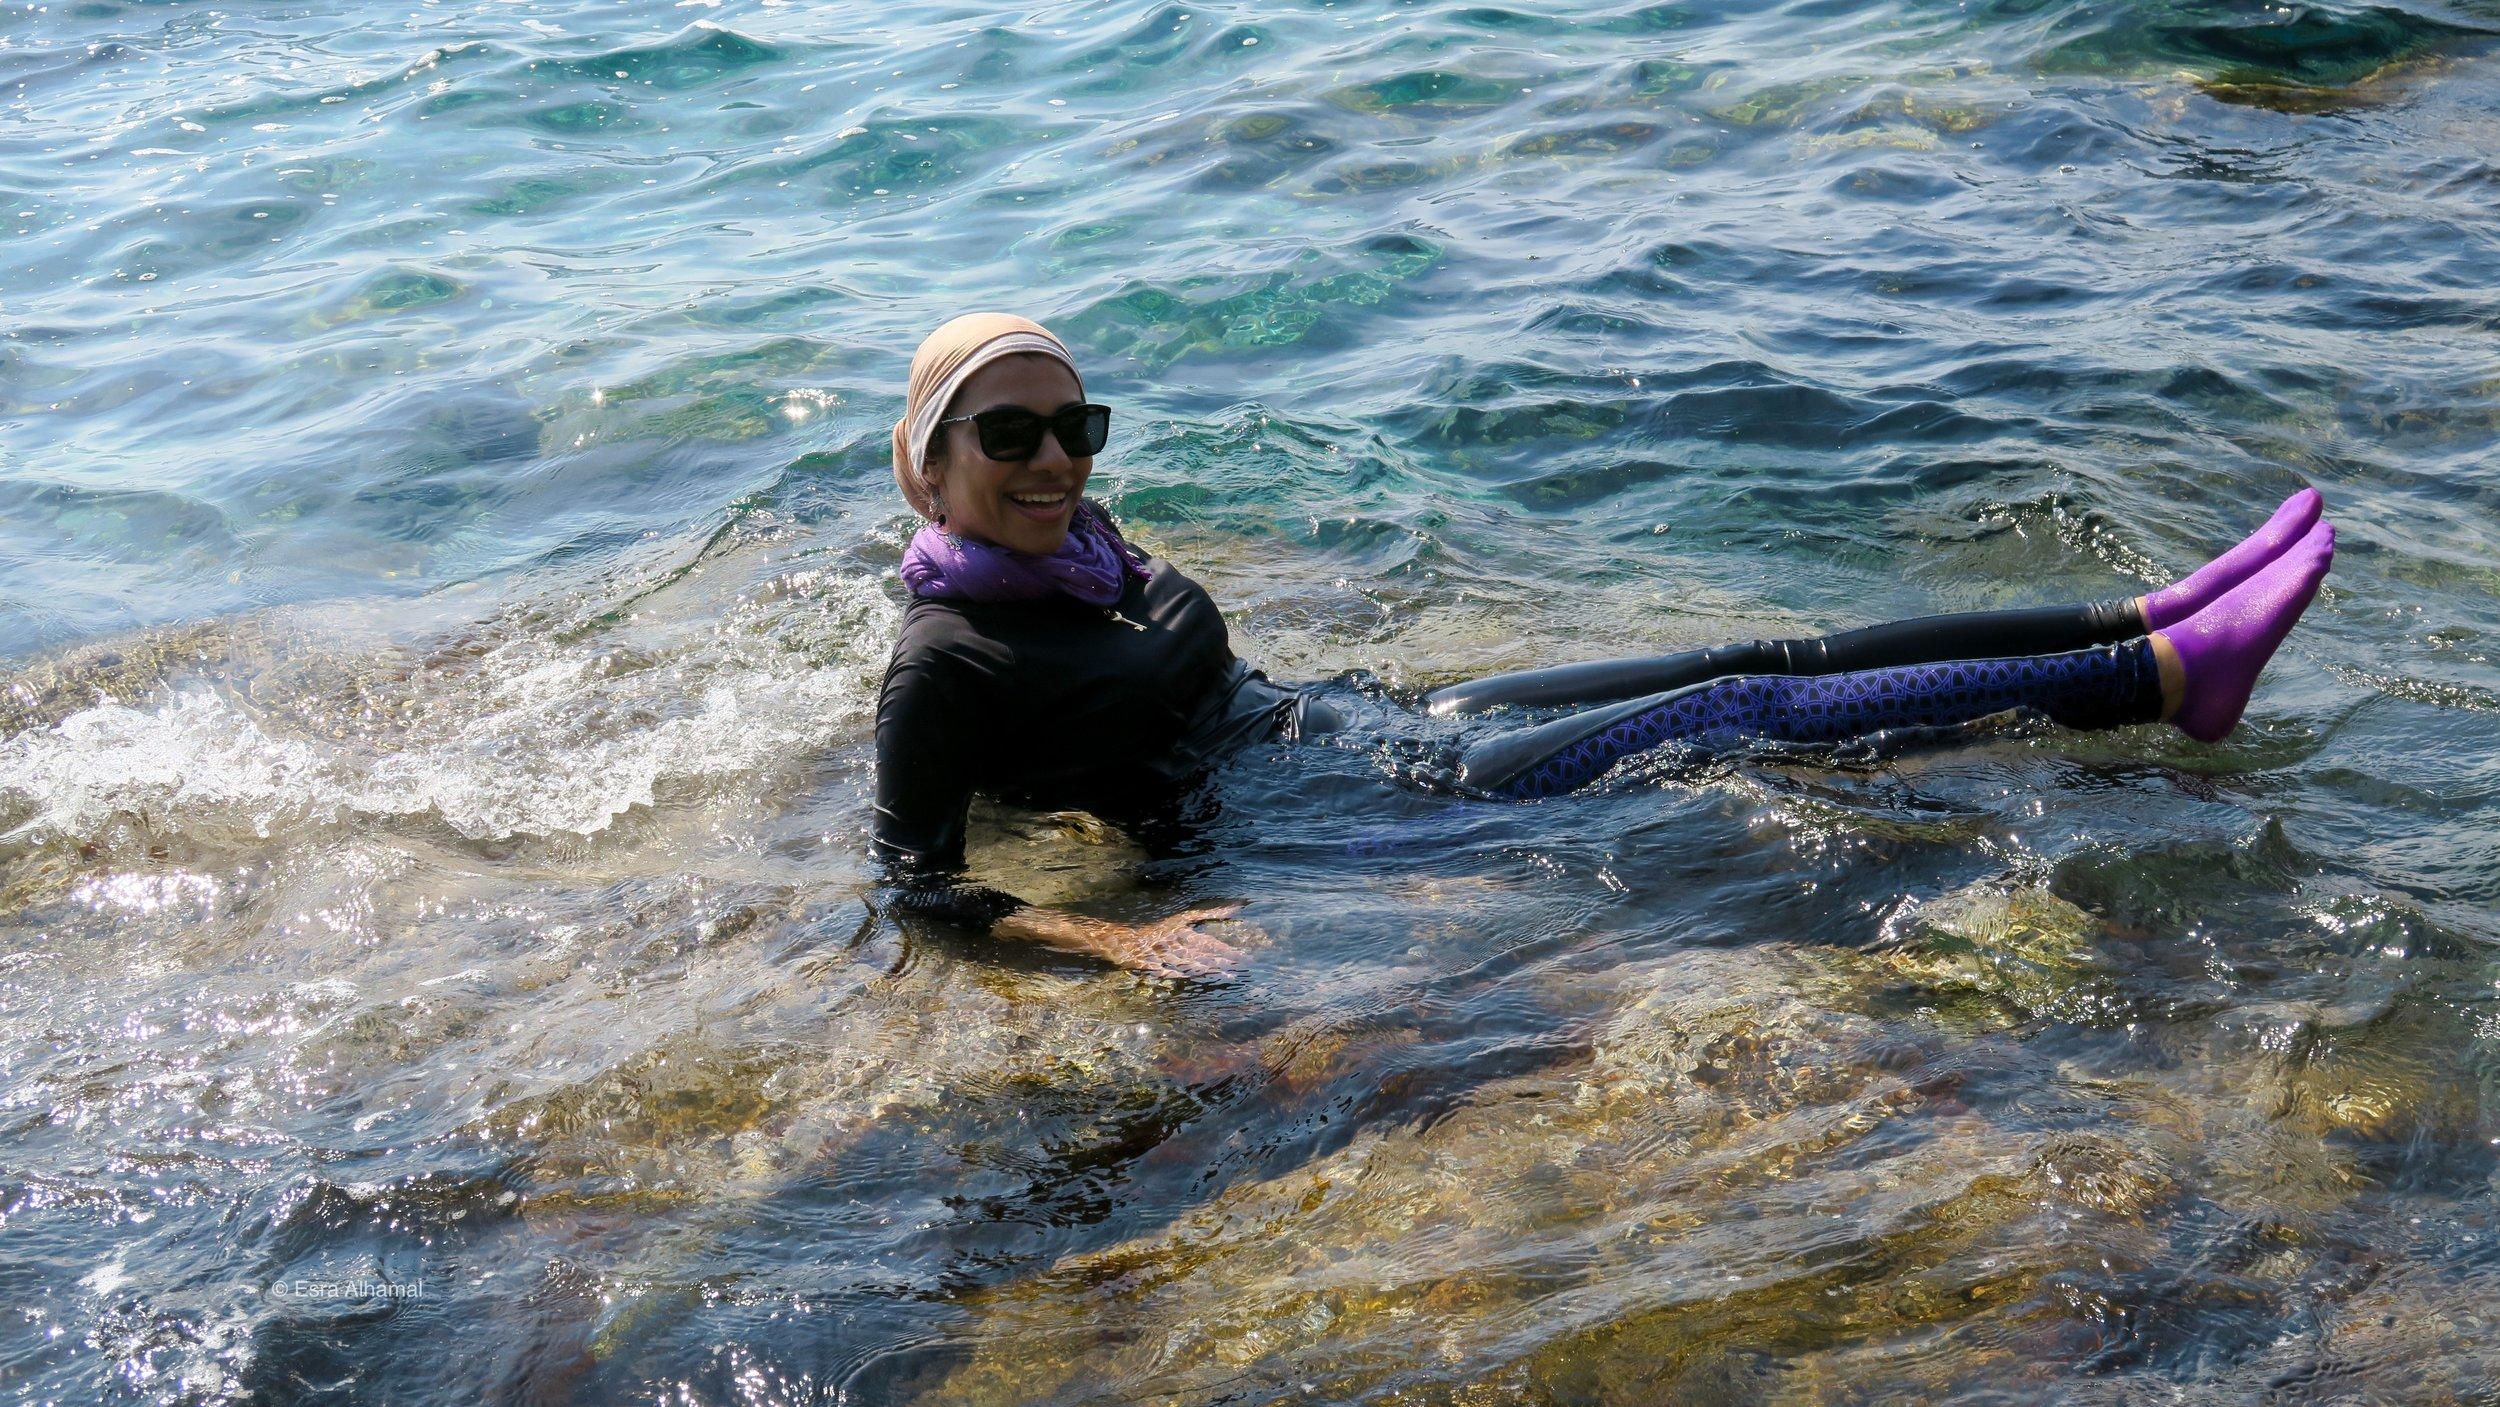 Improvised Modest Swimsuit: Water proof leggings and long sleeves   top + scarves + Waterproof socks